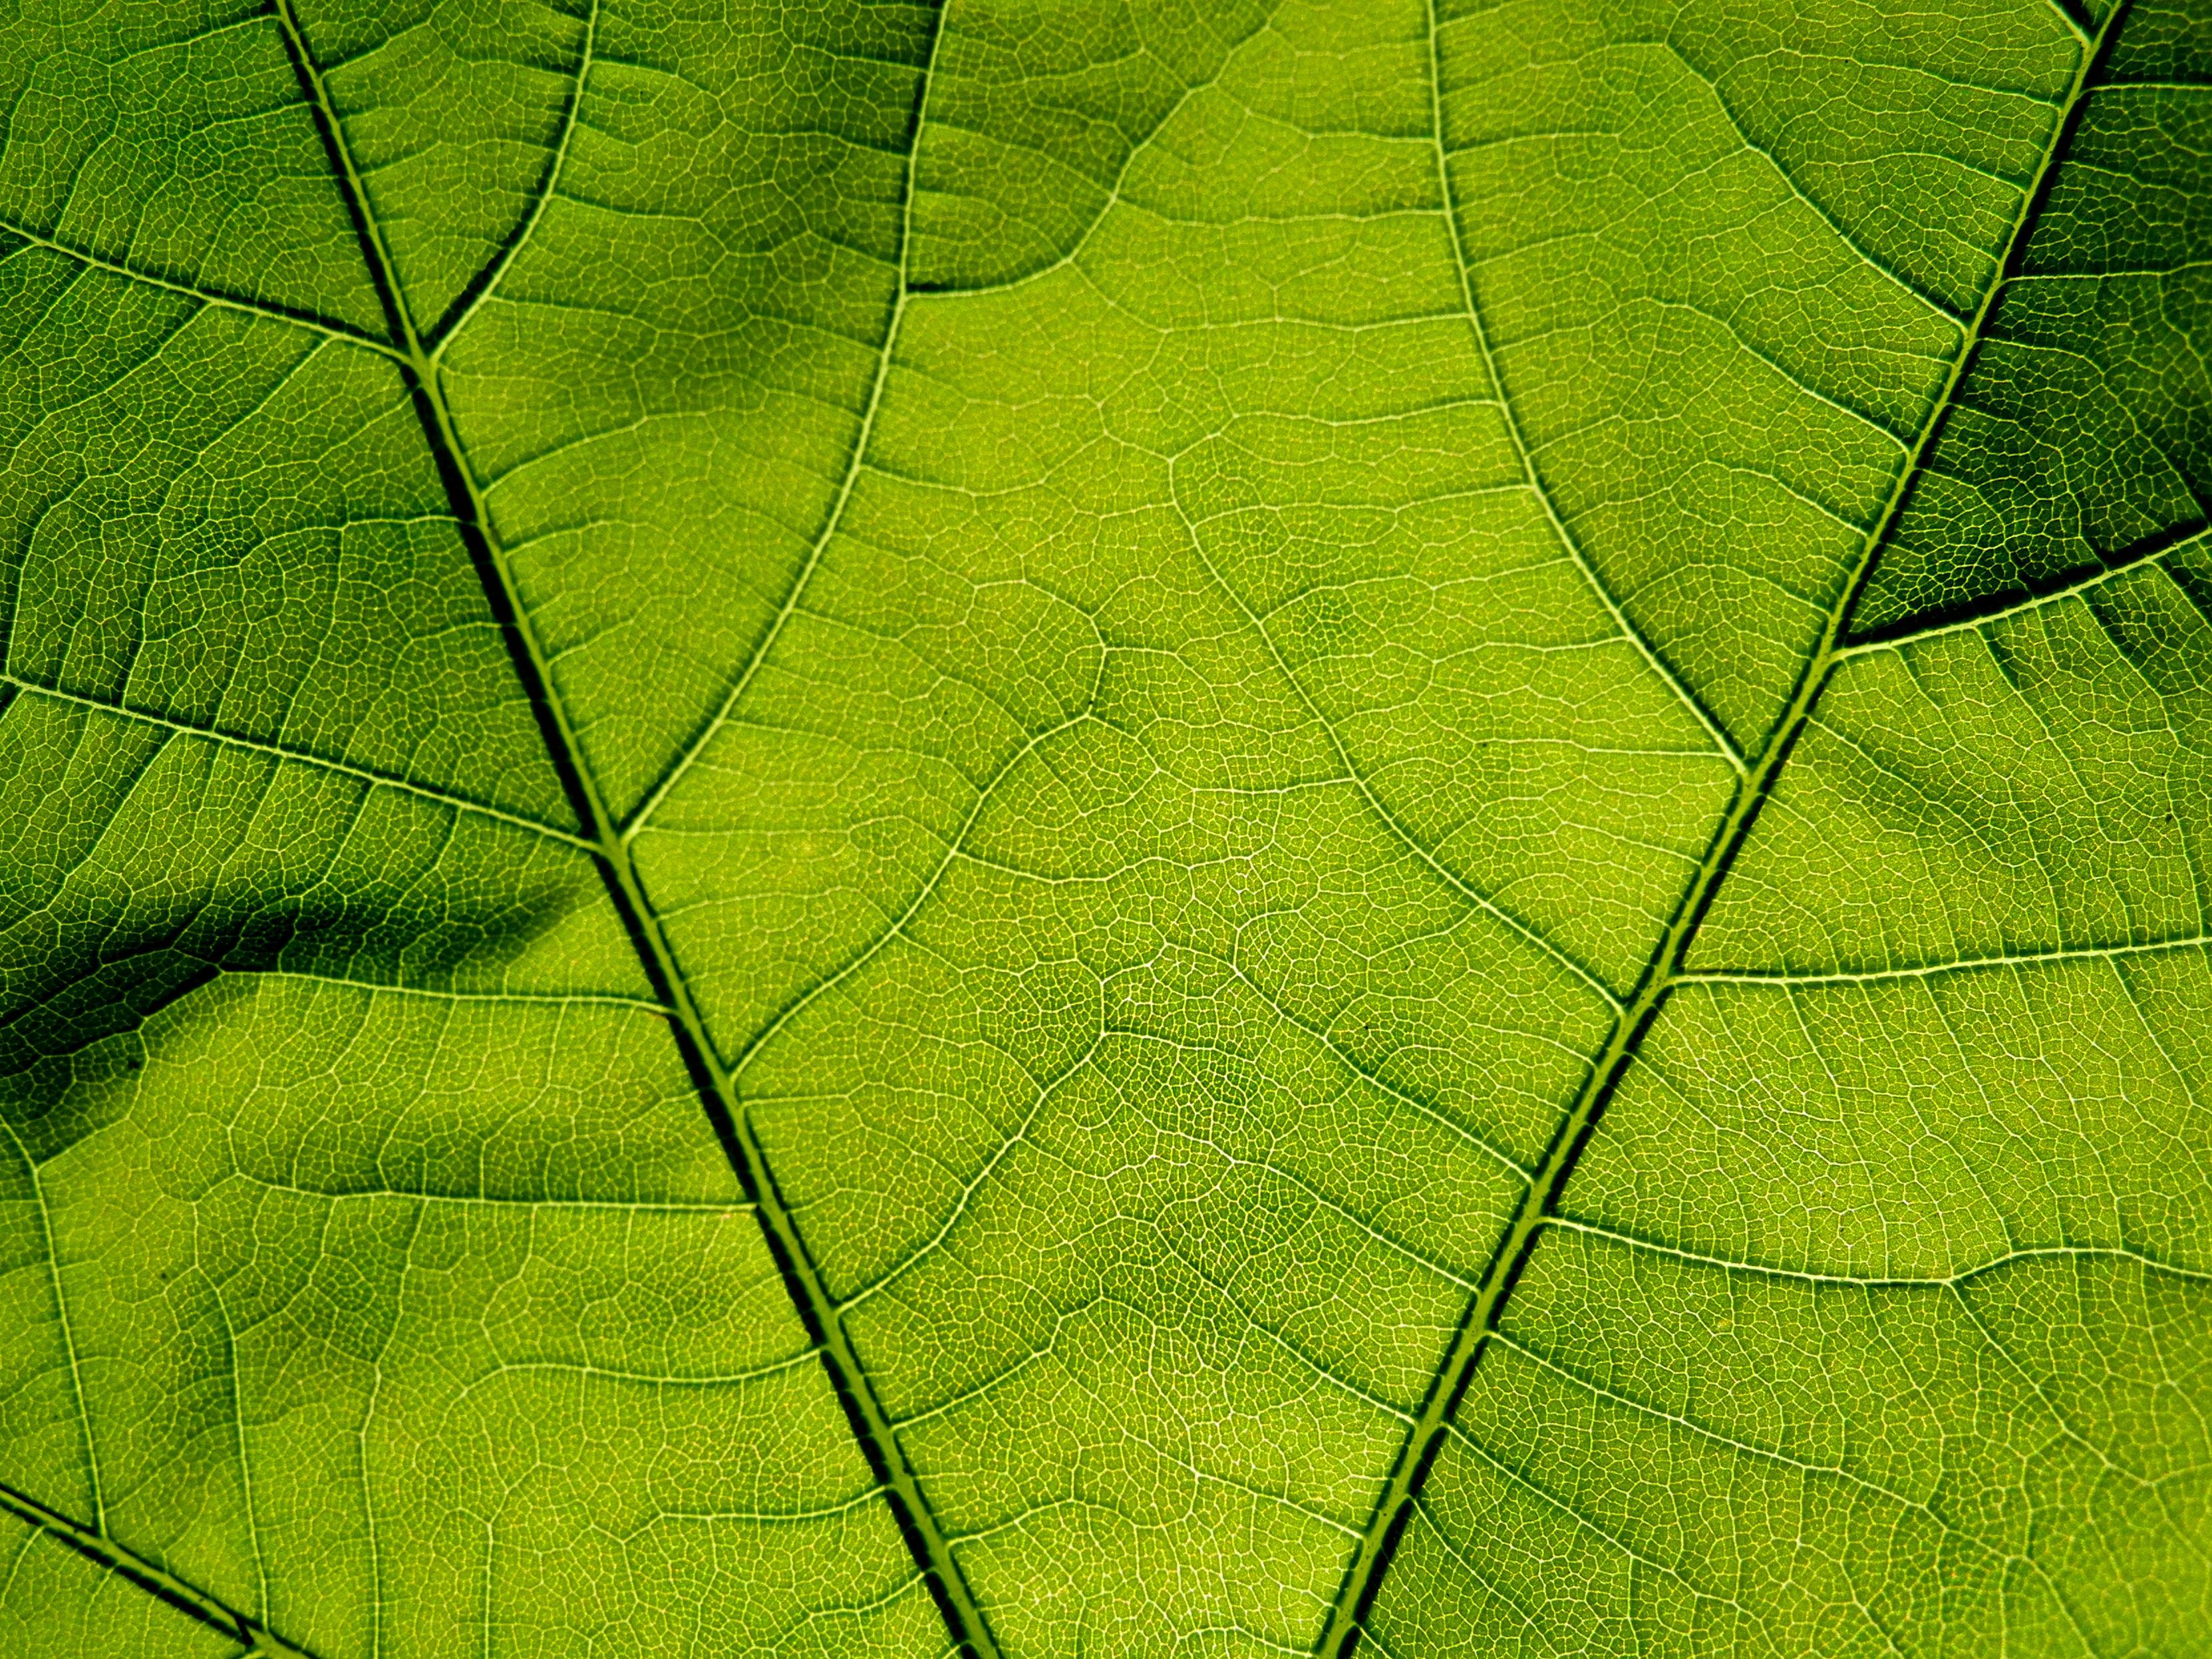 Fotos gratis : árbol, luz de sol, textura, hoja, línea, verde, macro ...